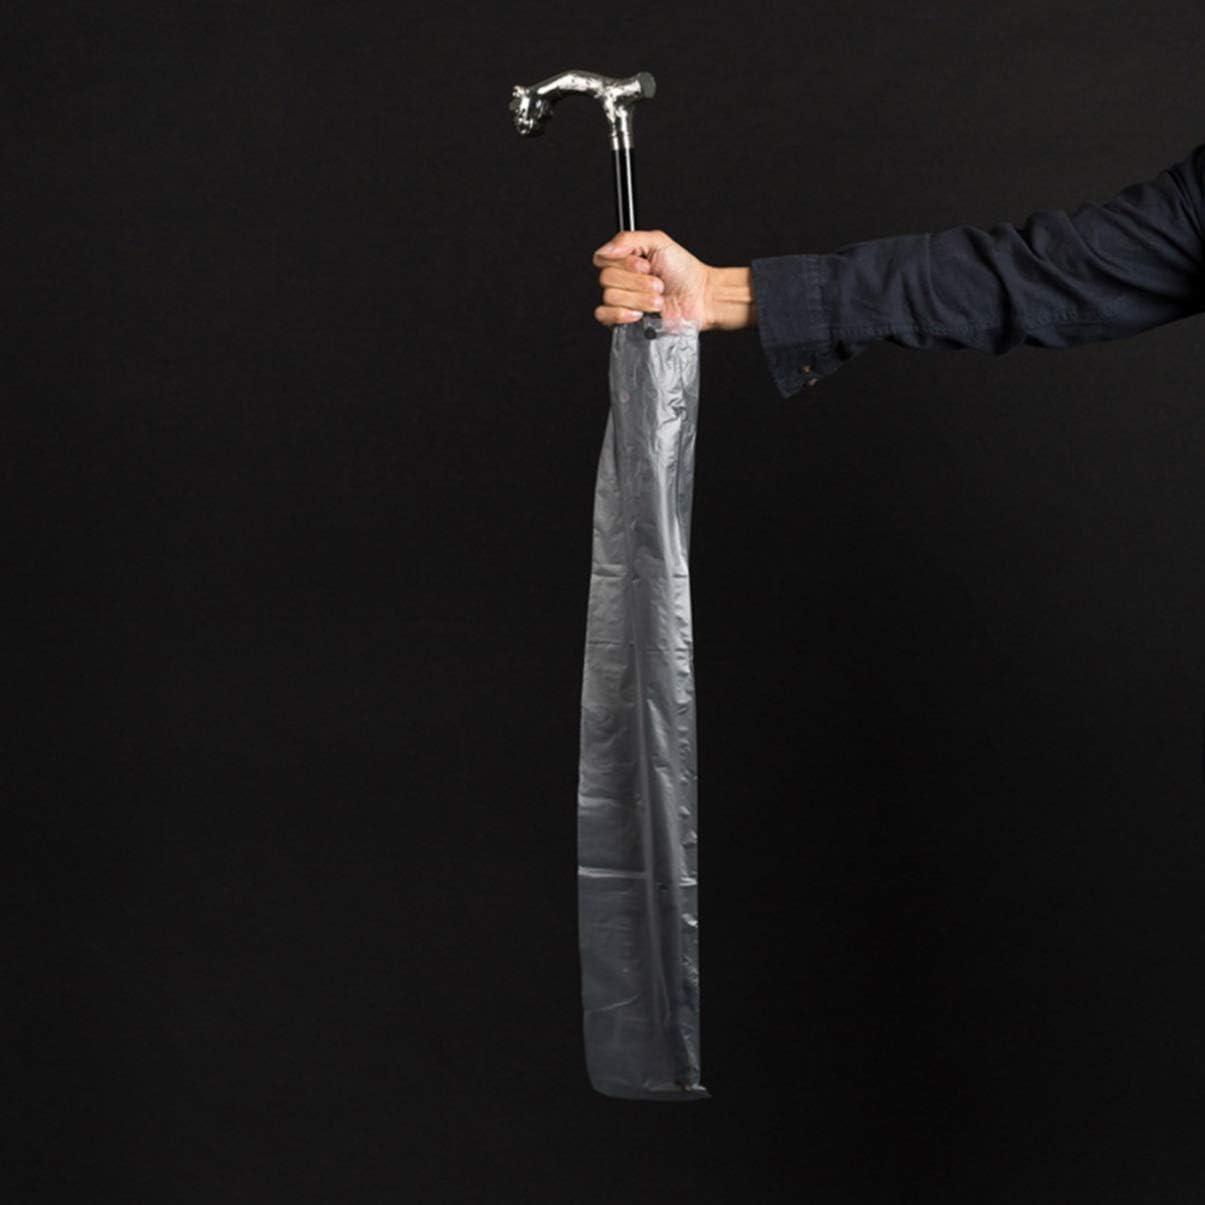 DOITOOL 100 pz 13x72 cm Wet Ombrello Borse Lunghe Ricariche Universale Misura per Ombrelli Avvolgitore Macchina Casa Auto Negozio